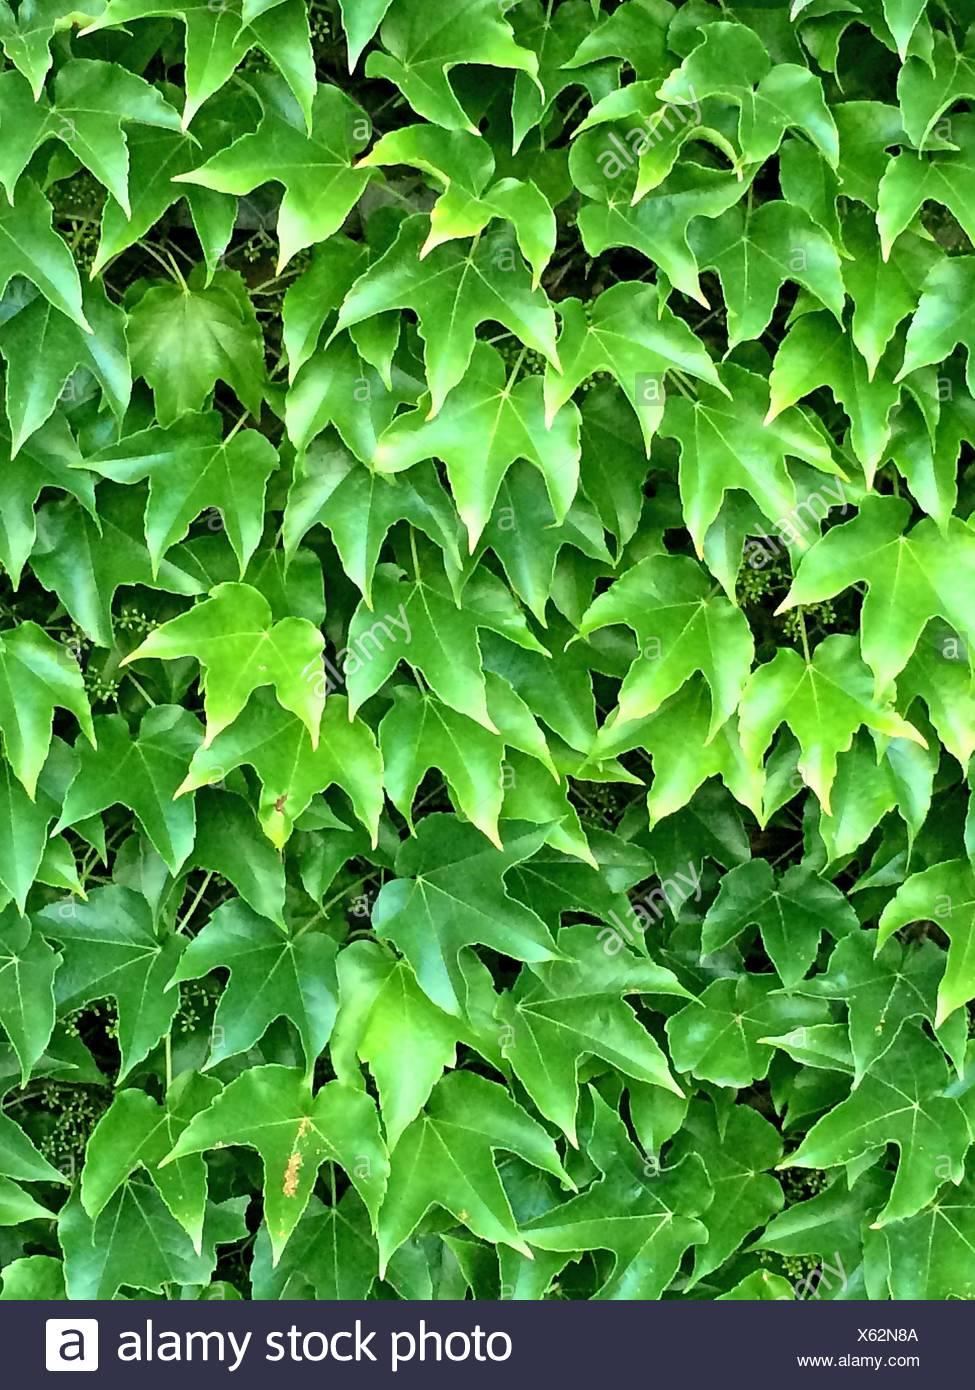 La vite selvatica di foglie in estate. Immagini Stock